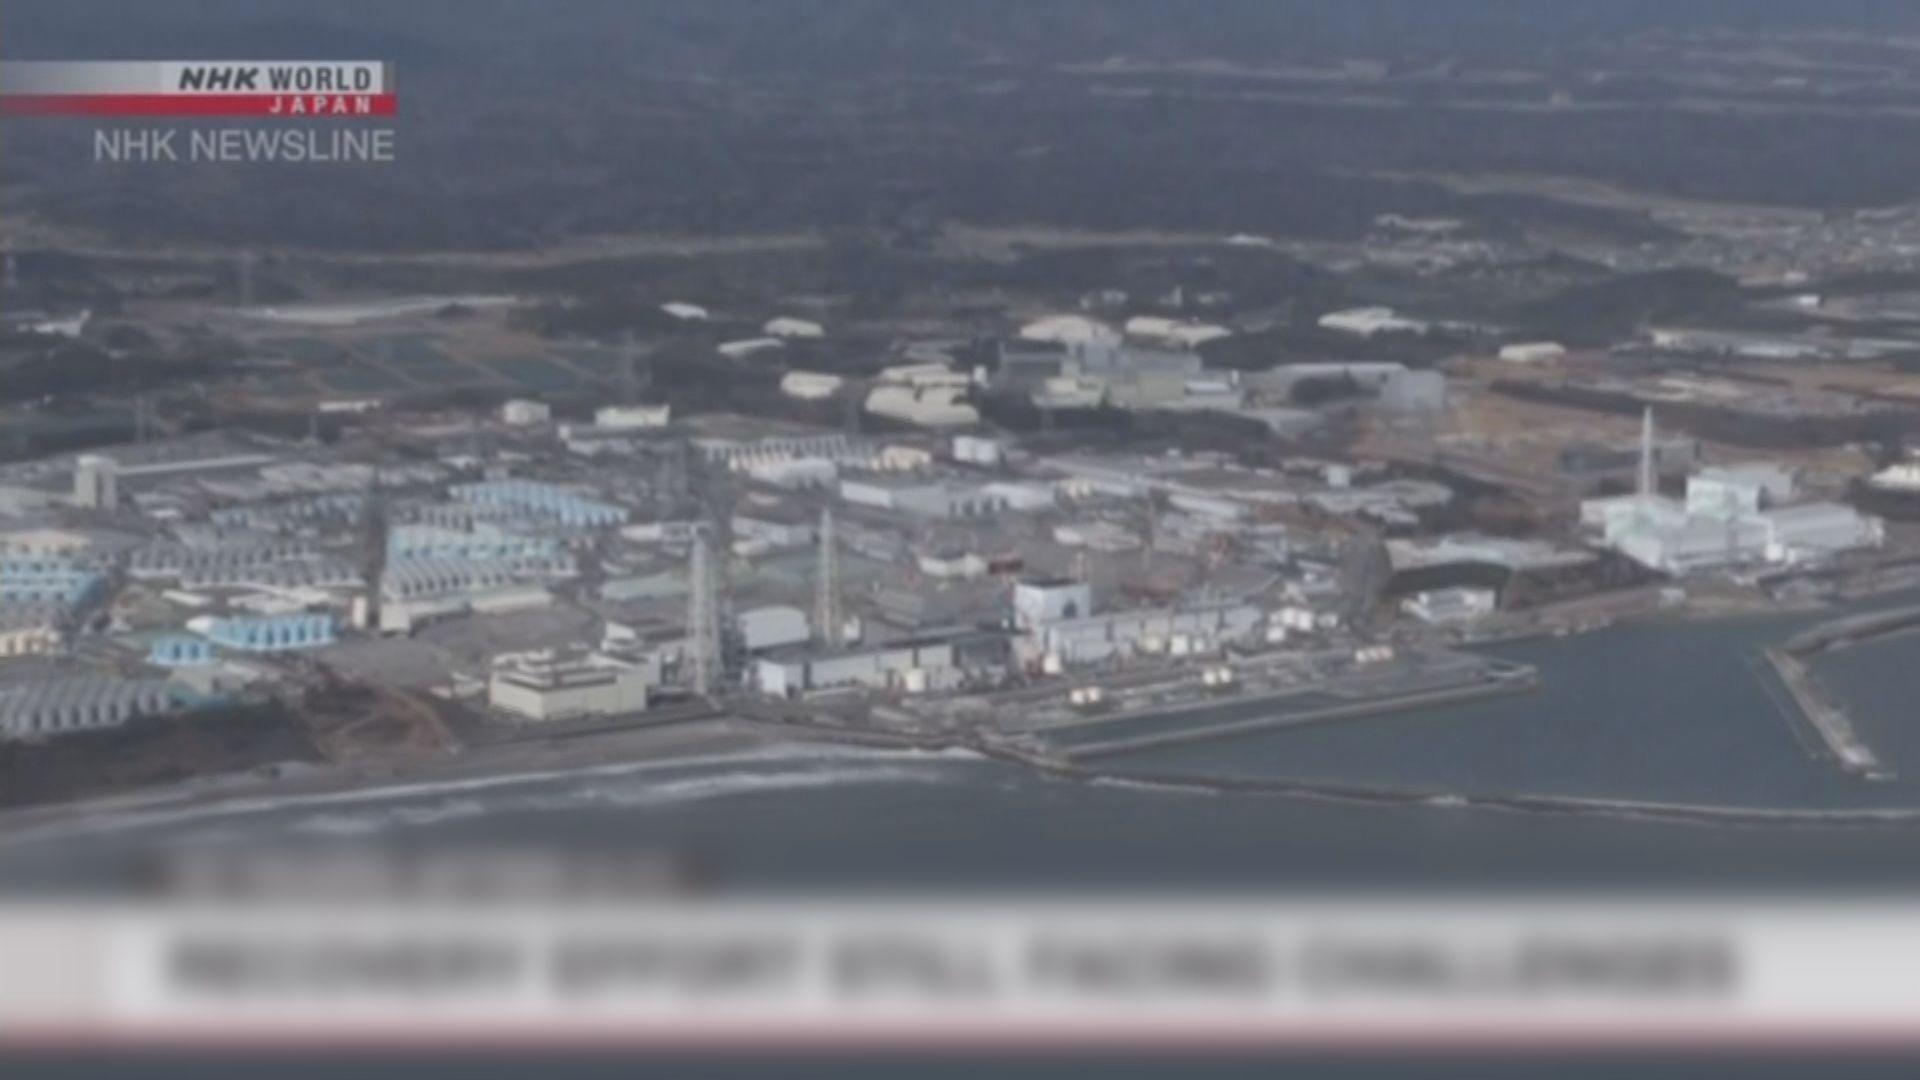 日本三次擱置聯合國福島核事故調查要求